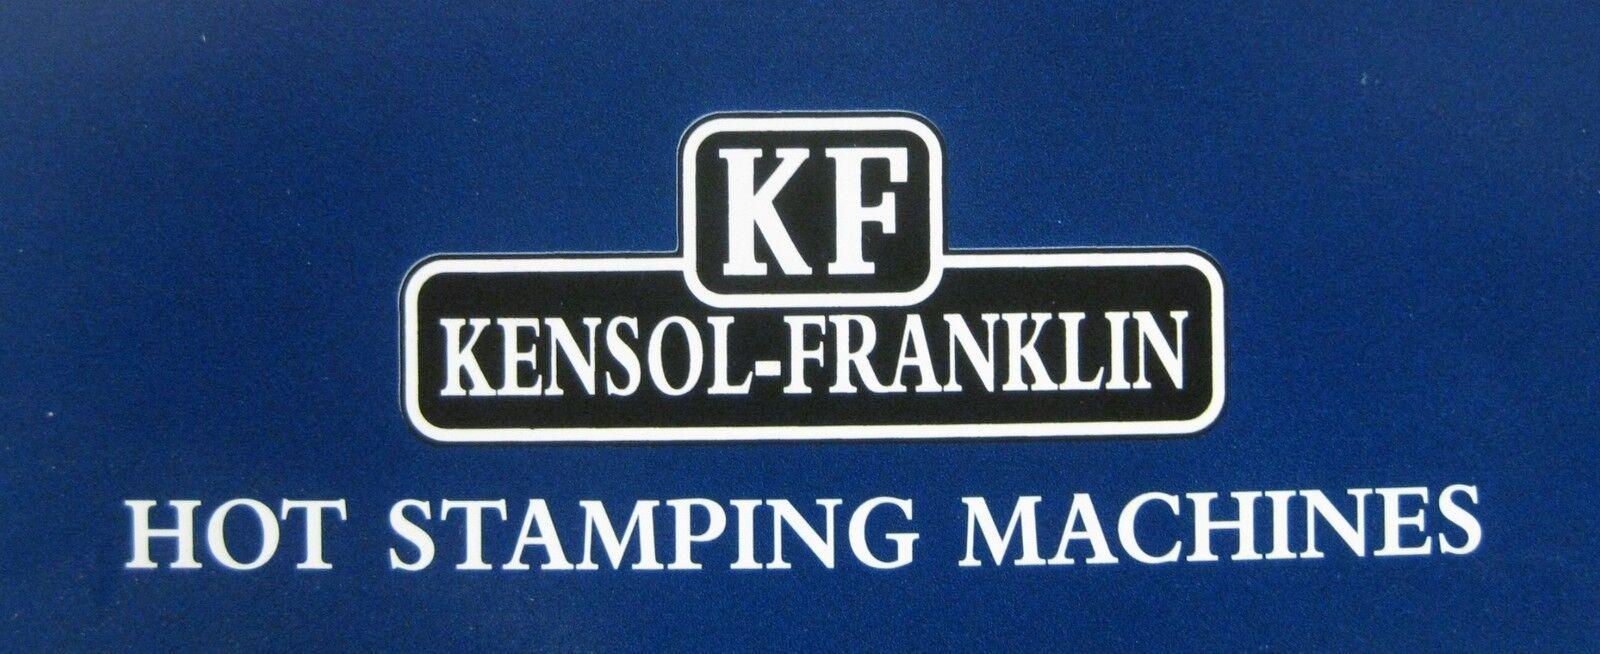 kensol-franklin